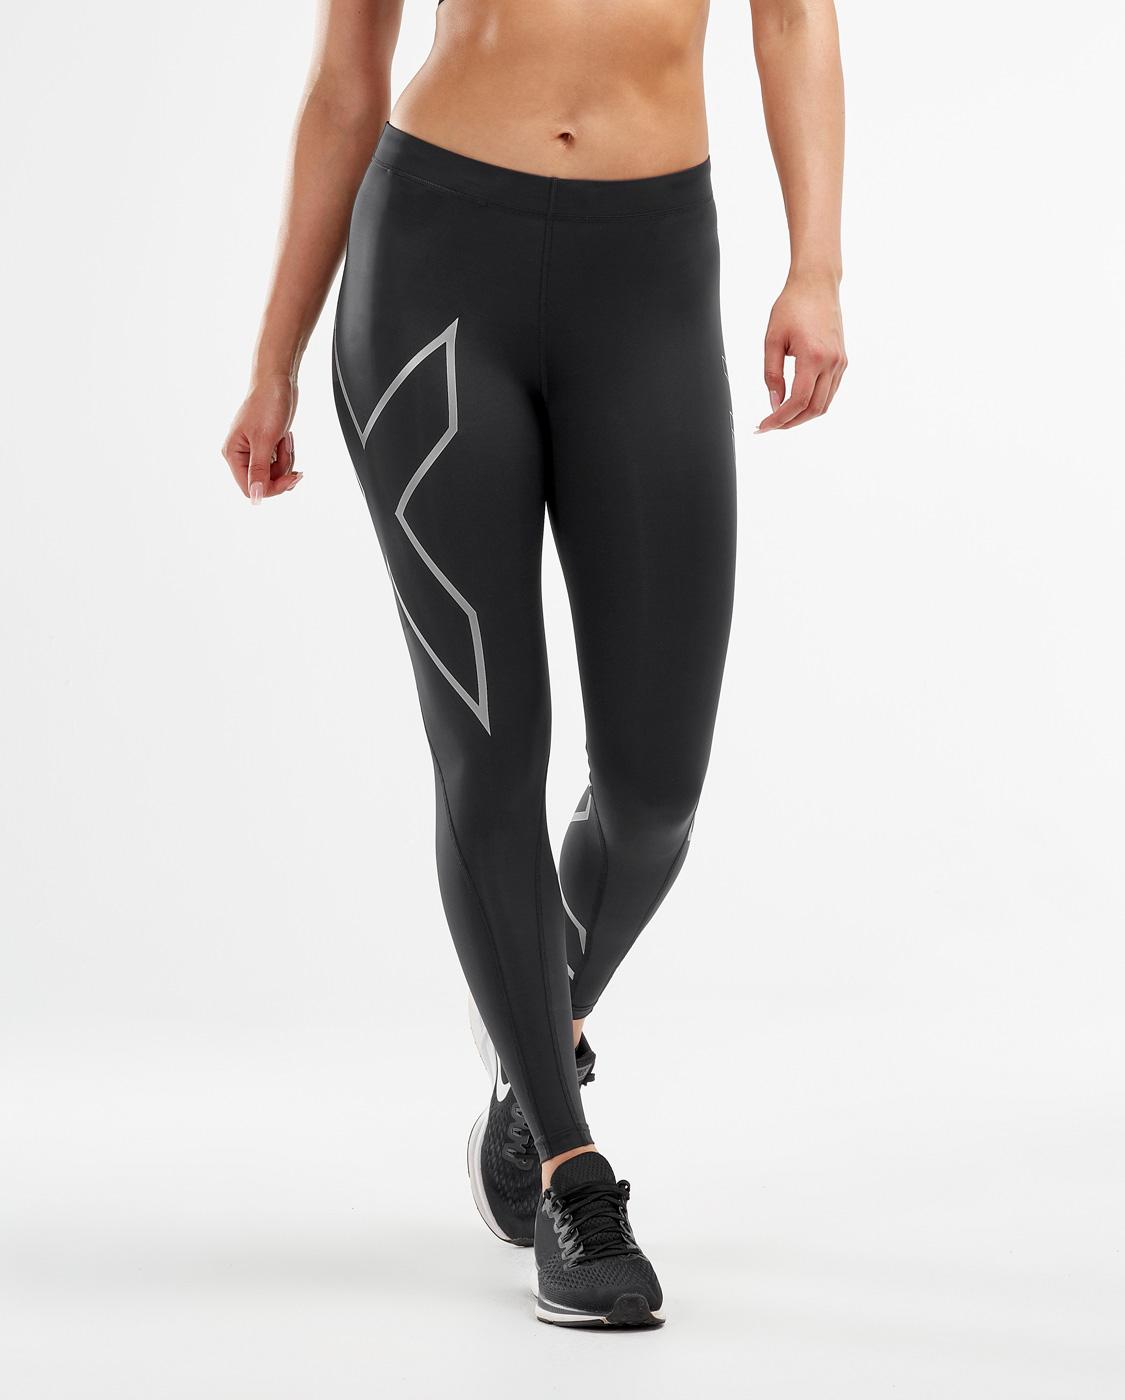 2XU Women's Compression Tights - Black/Silver